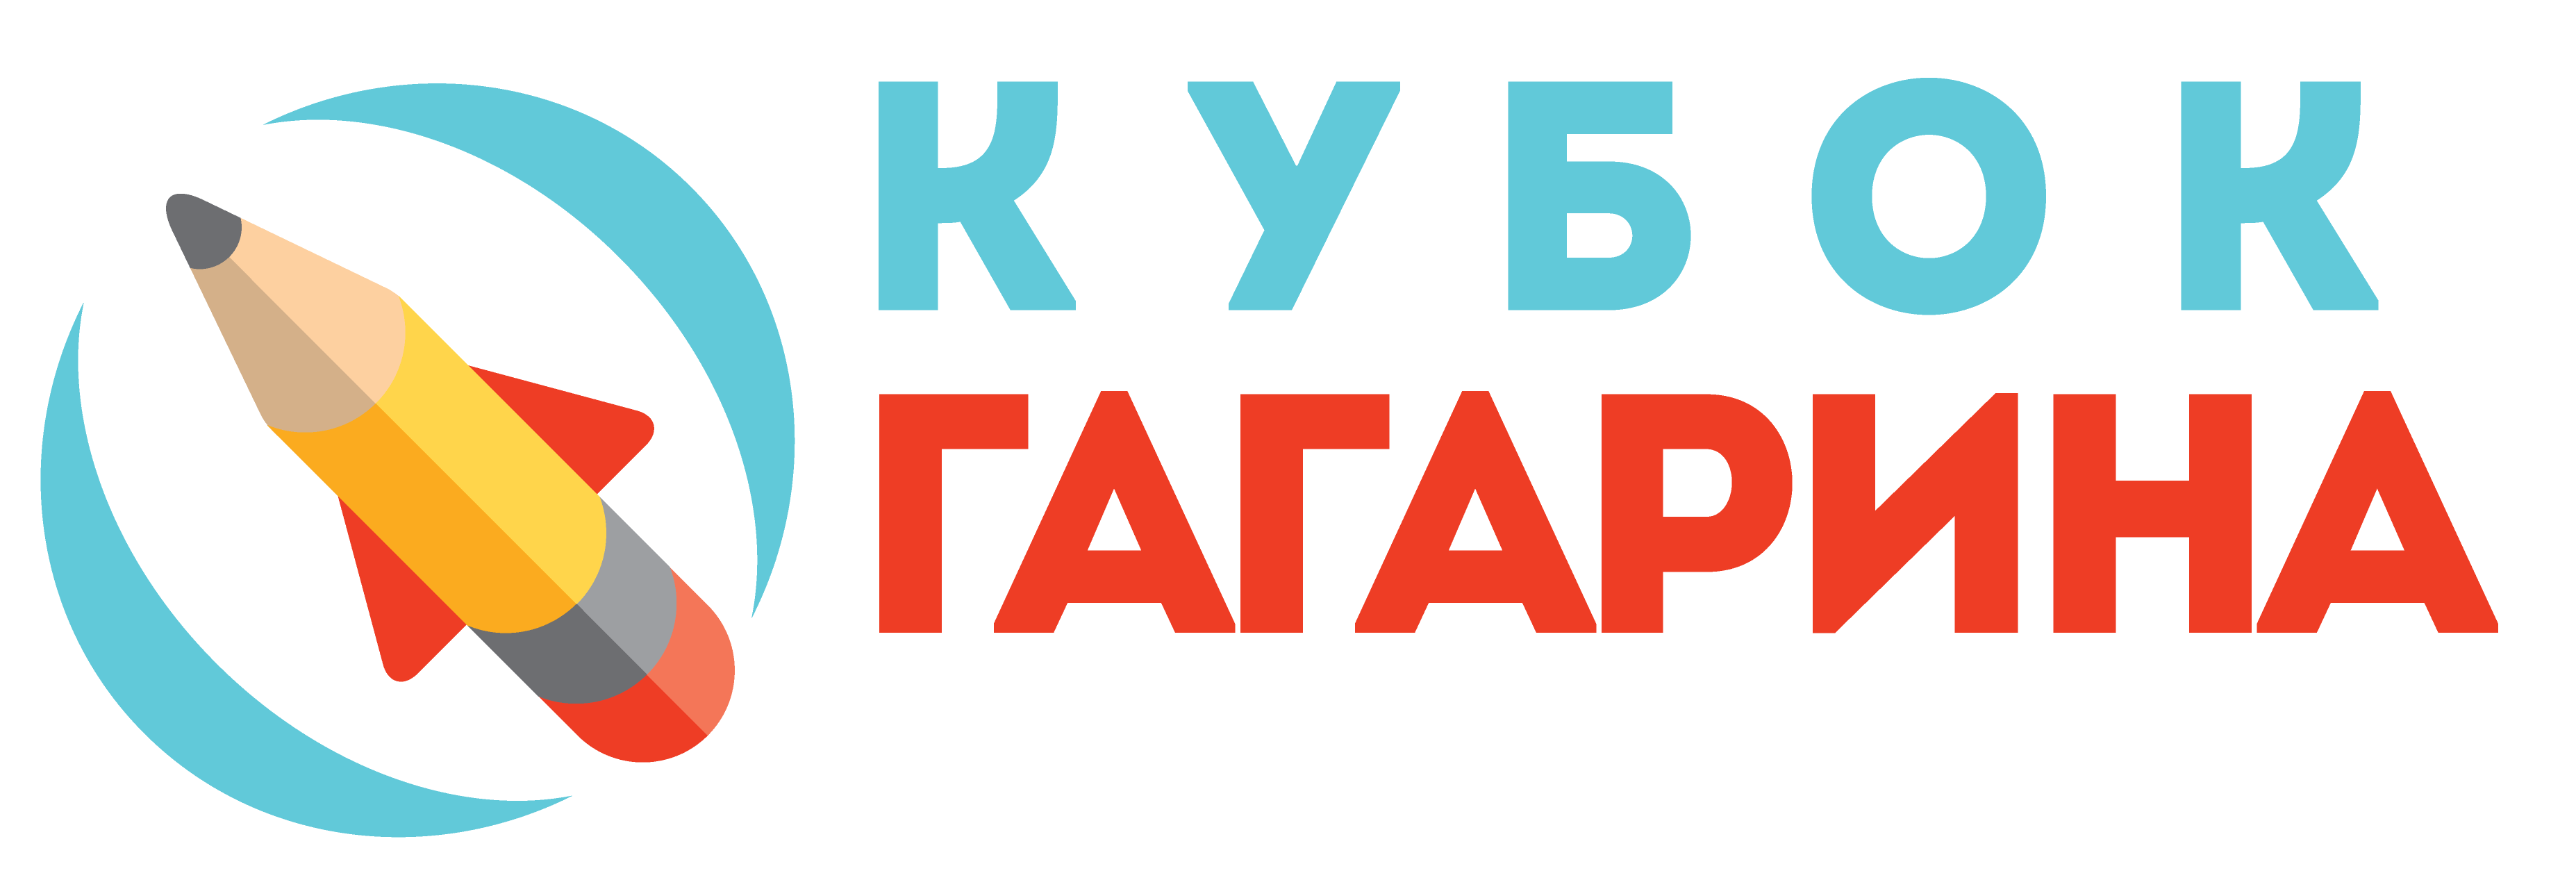 Олимпиада по окружающему миру 2 класс 2018 кубок гагарина